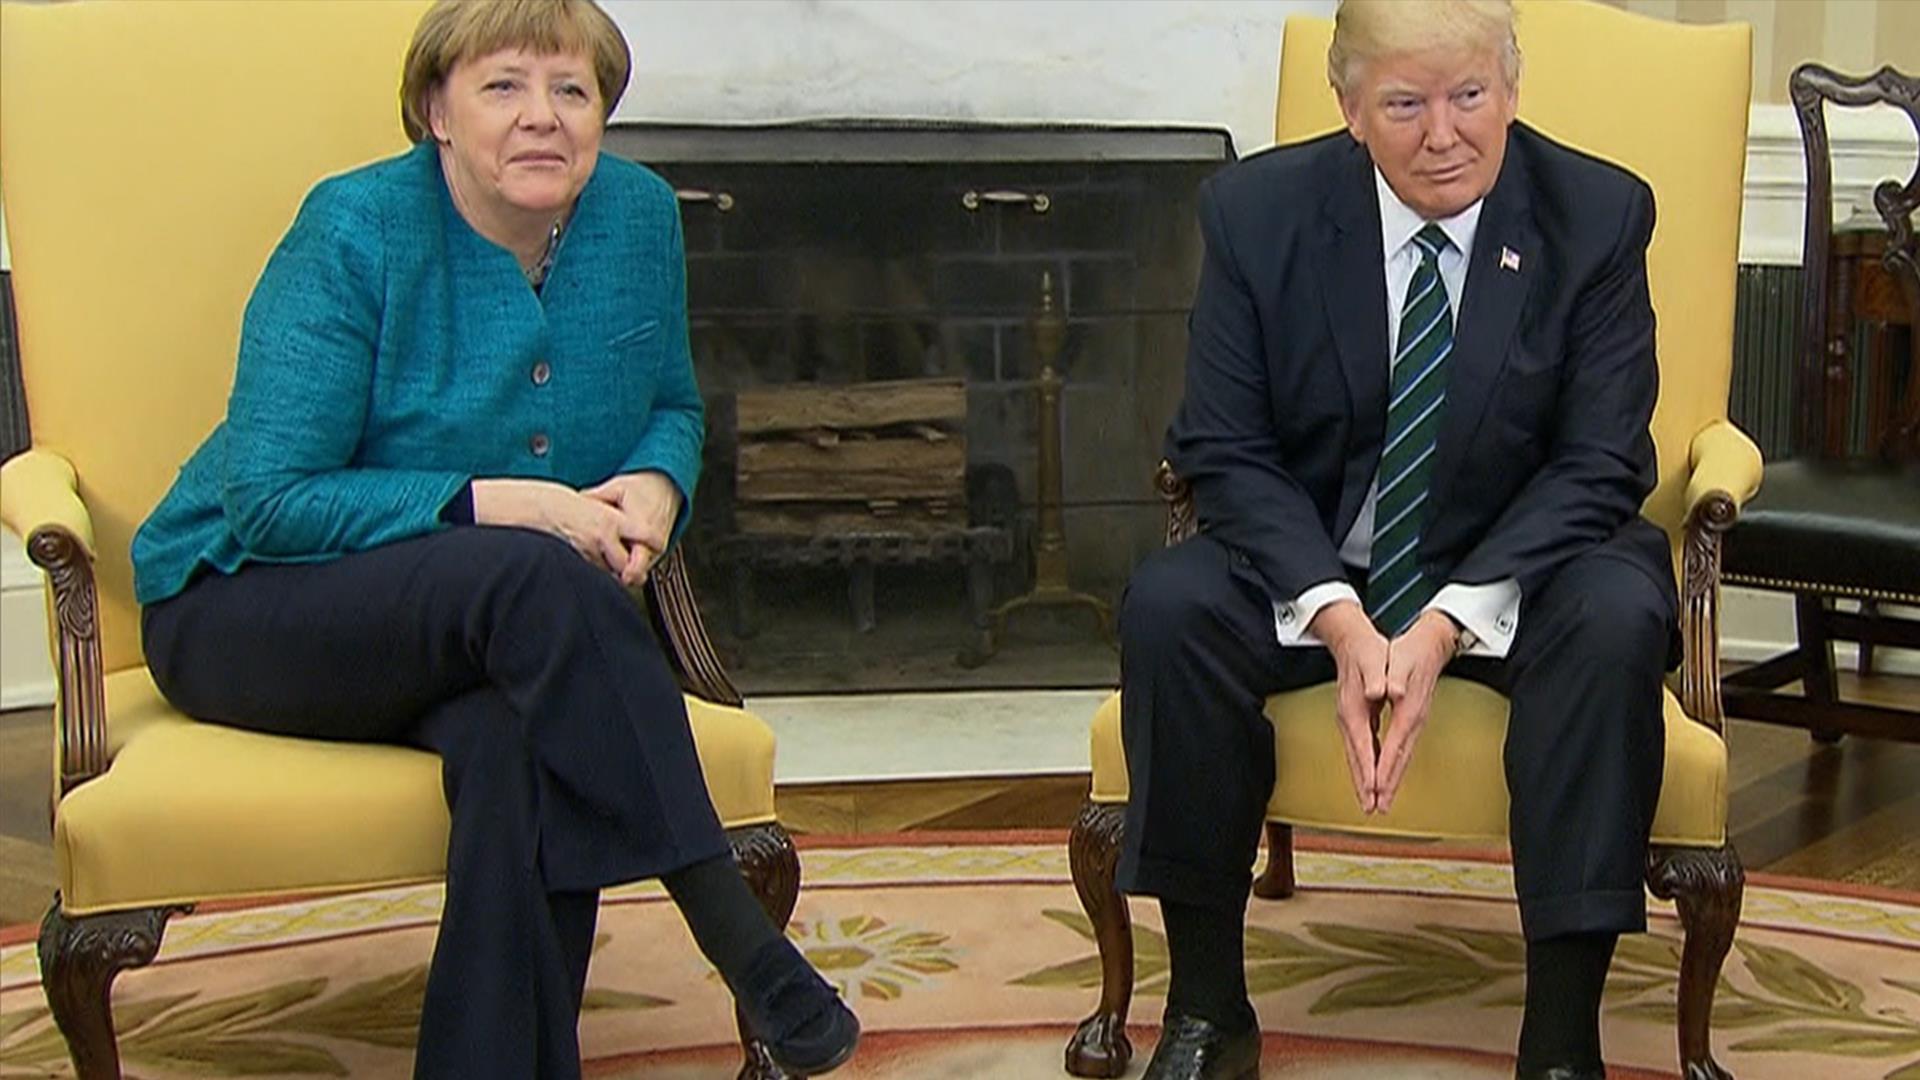 Donald Trump, Angela Merkel avoid handshake during photo op.